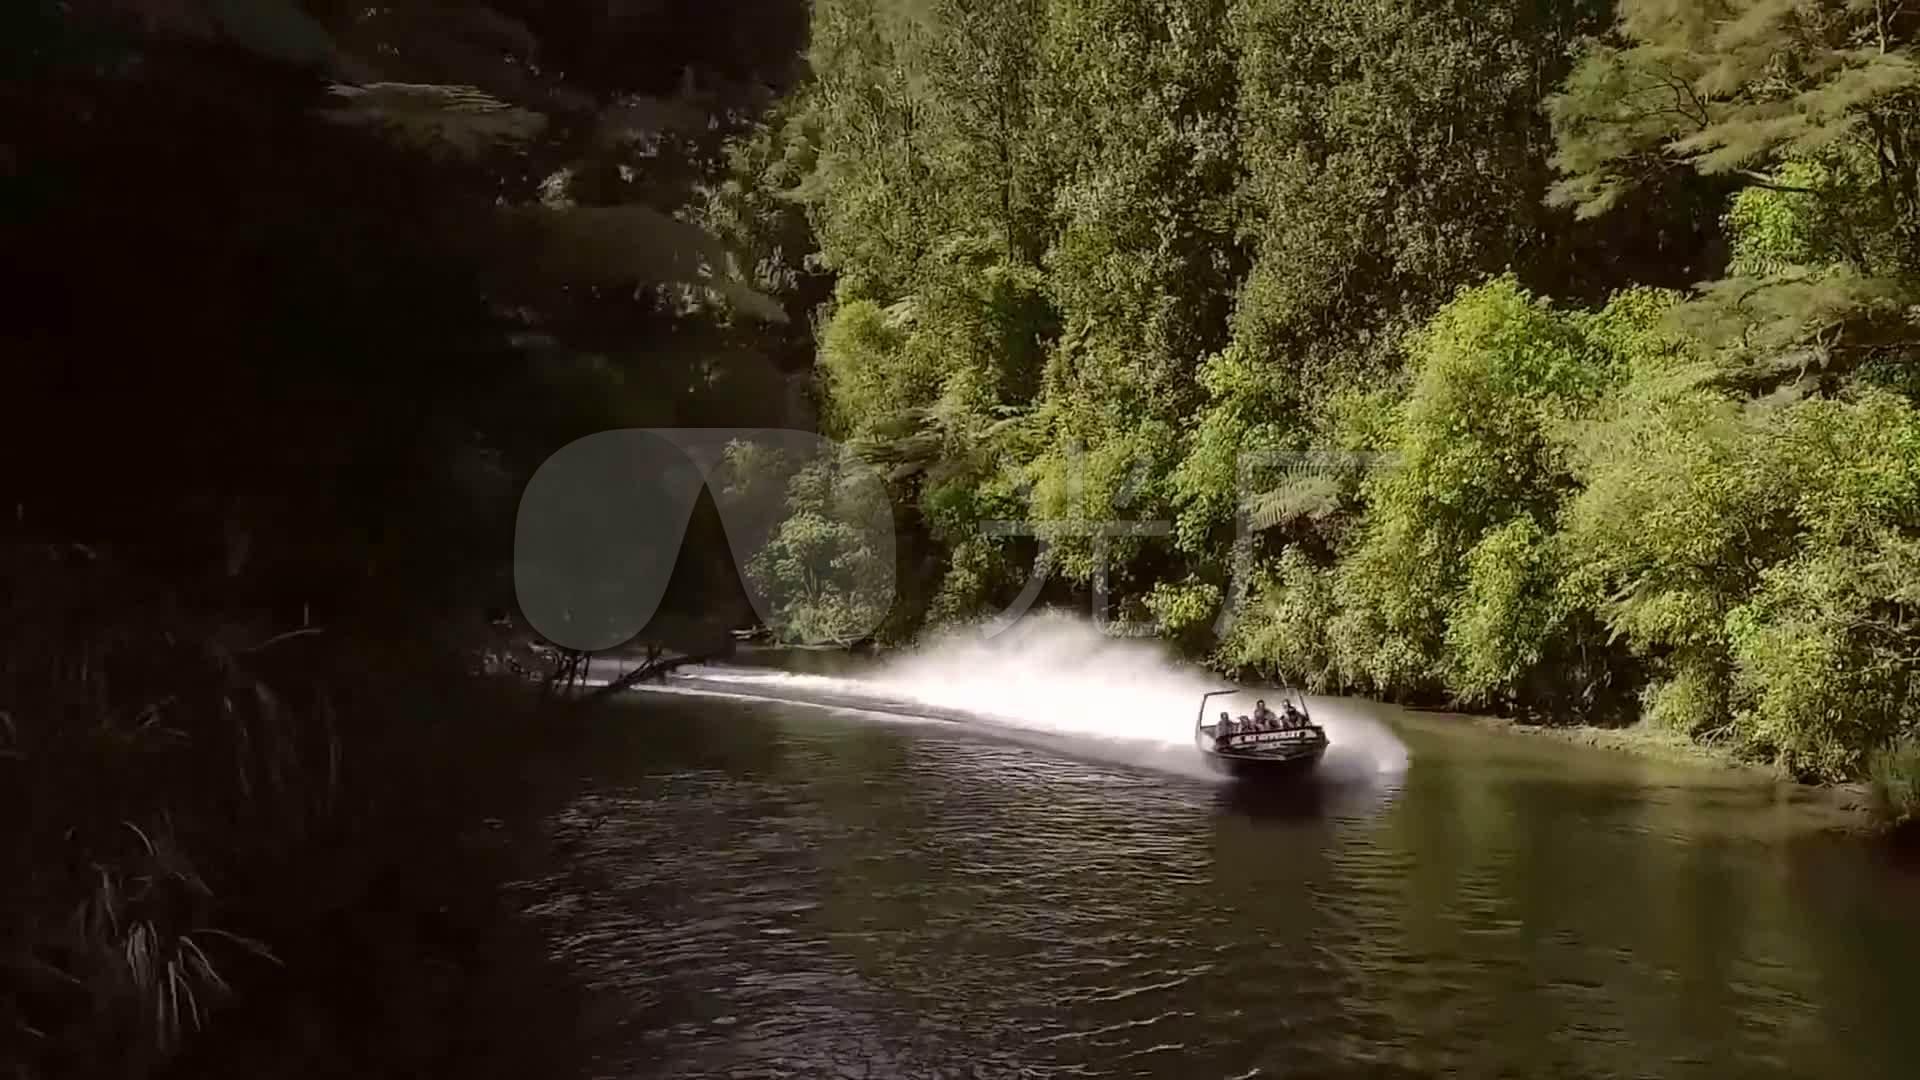 游船山谷视频河流雪山自然风光_1920X1080_墙装修草原拆图片